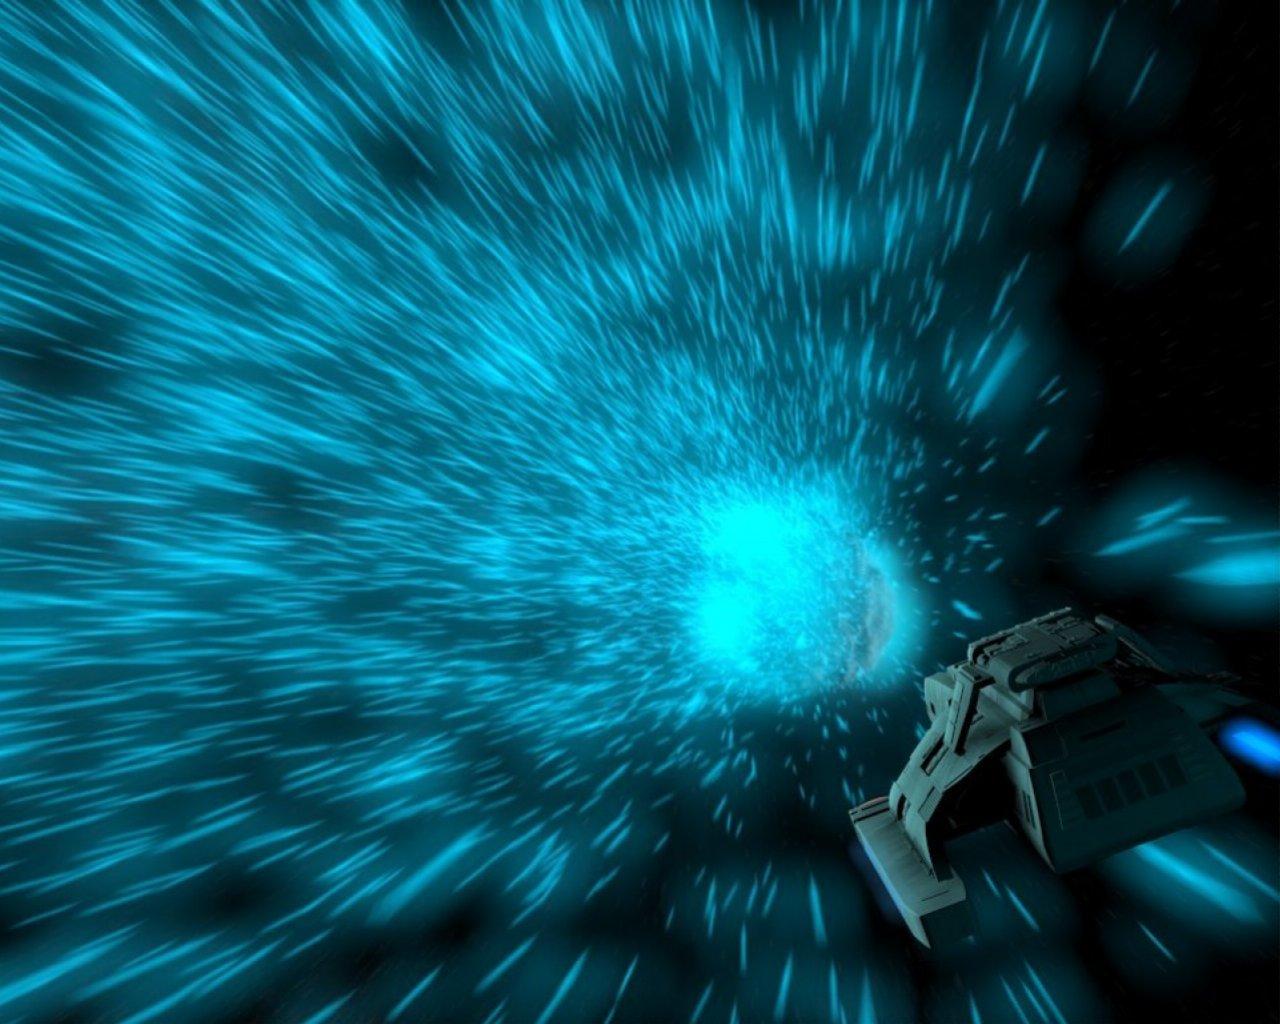 http://1.bp.blogspot.com/_gx7OZdt7Uhs/TNPsM9cl7rI/AAAAAAAAFBs/RI-p5OHP8CY/s1600/warmhole+computer+Wallpaper.jpg